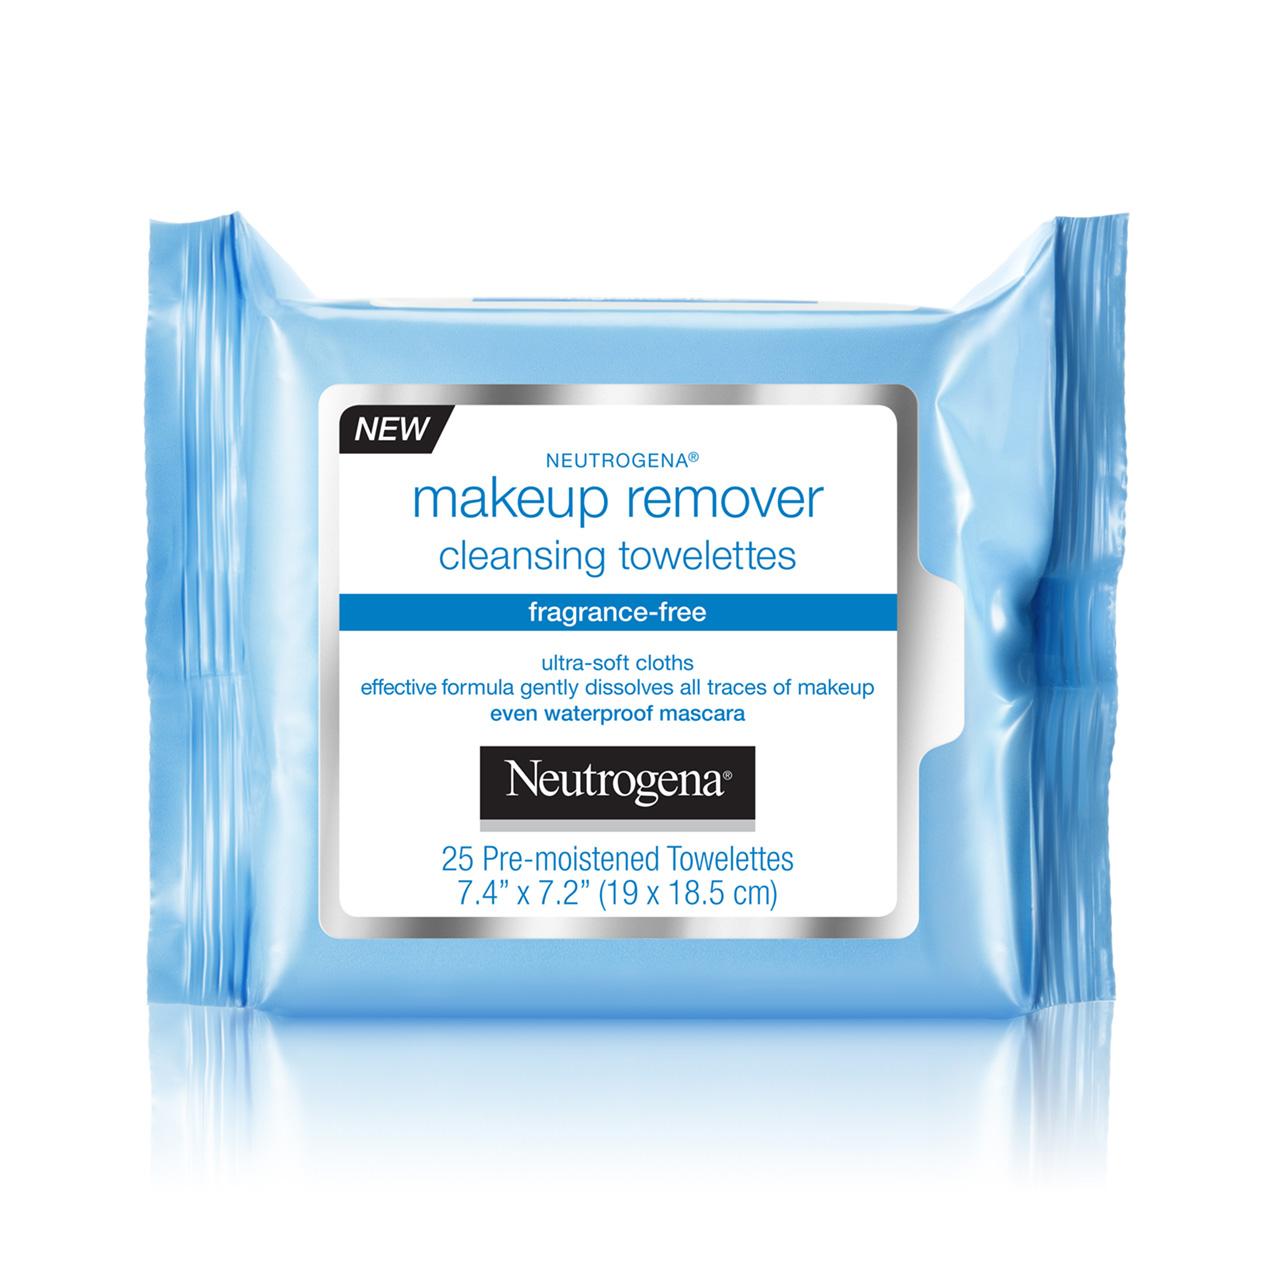 NTG-towettes-fragrance-free-v4.jpg